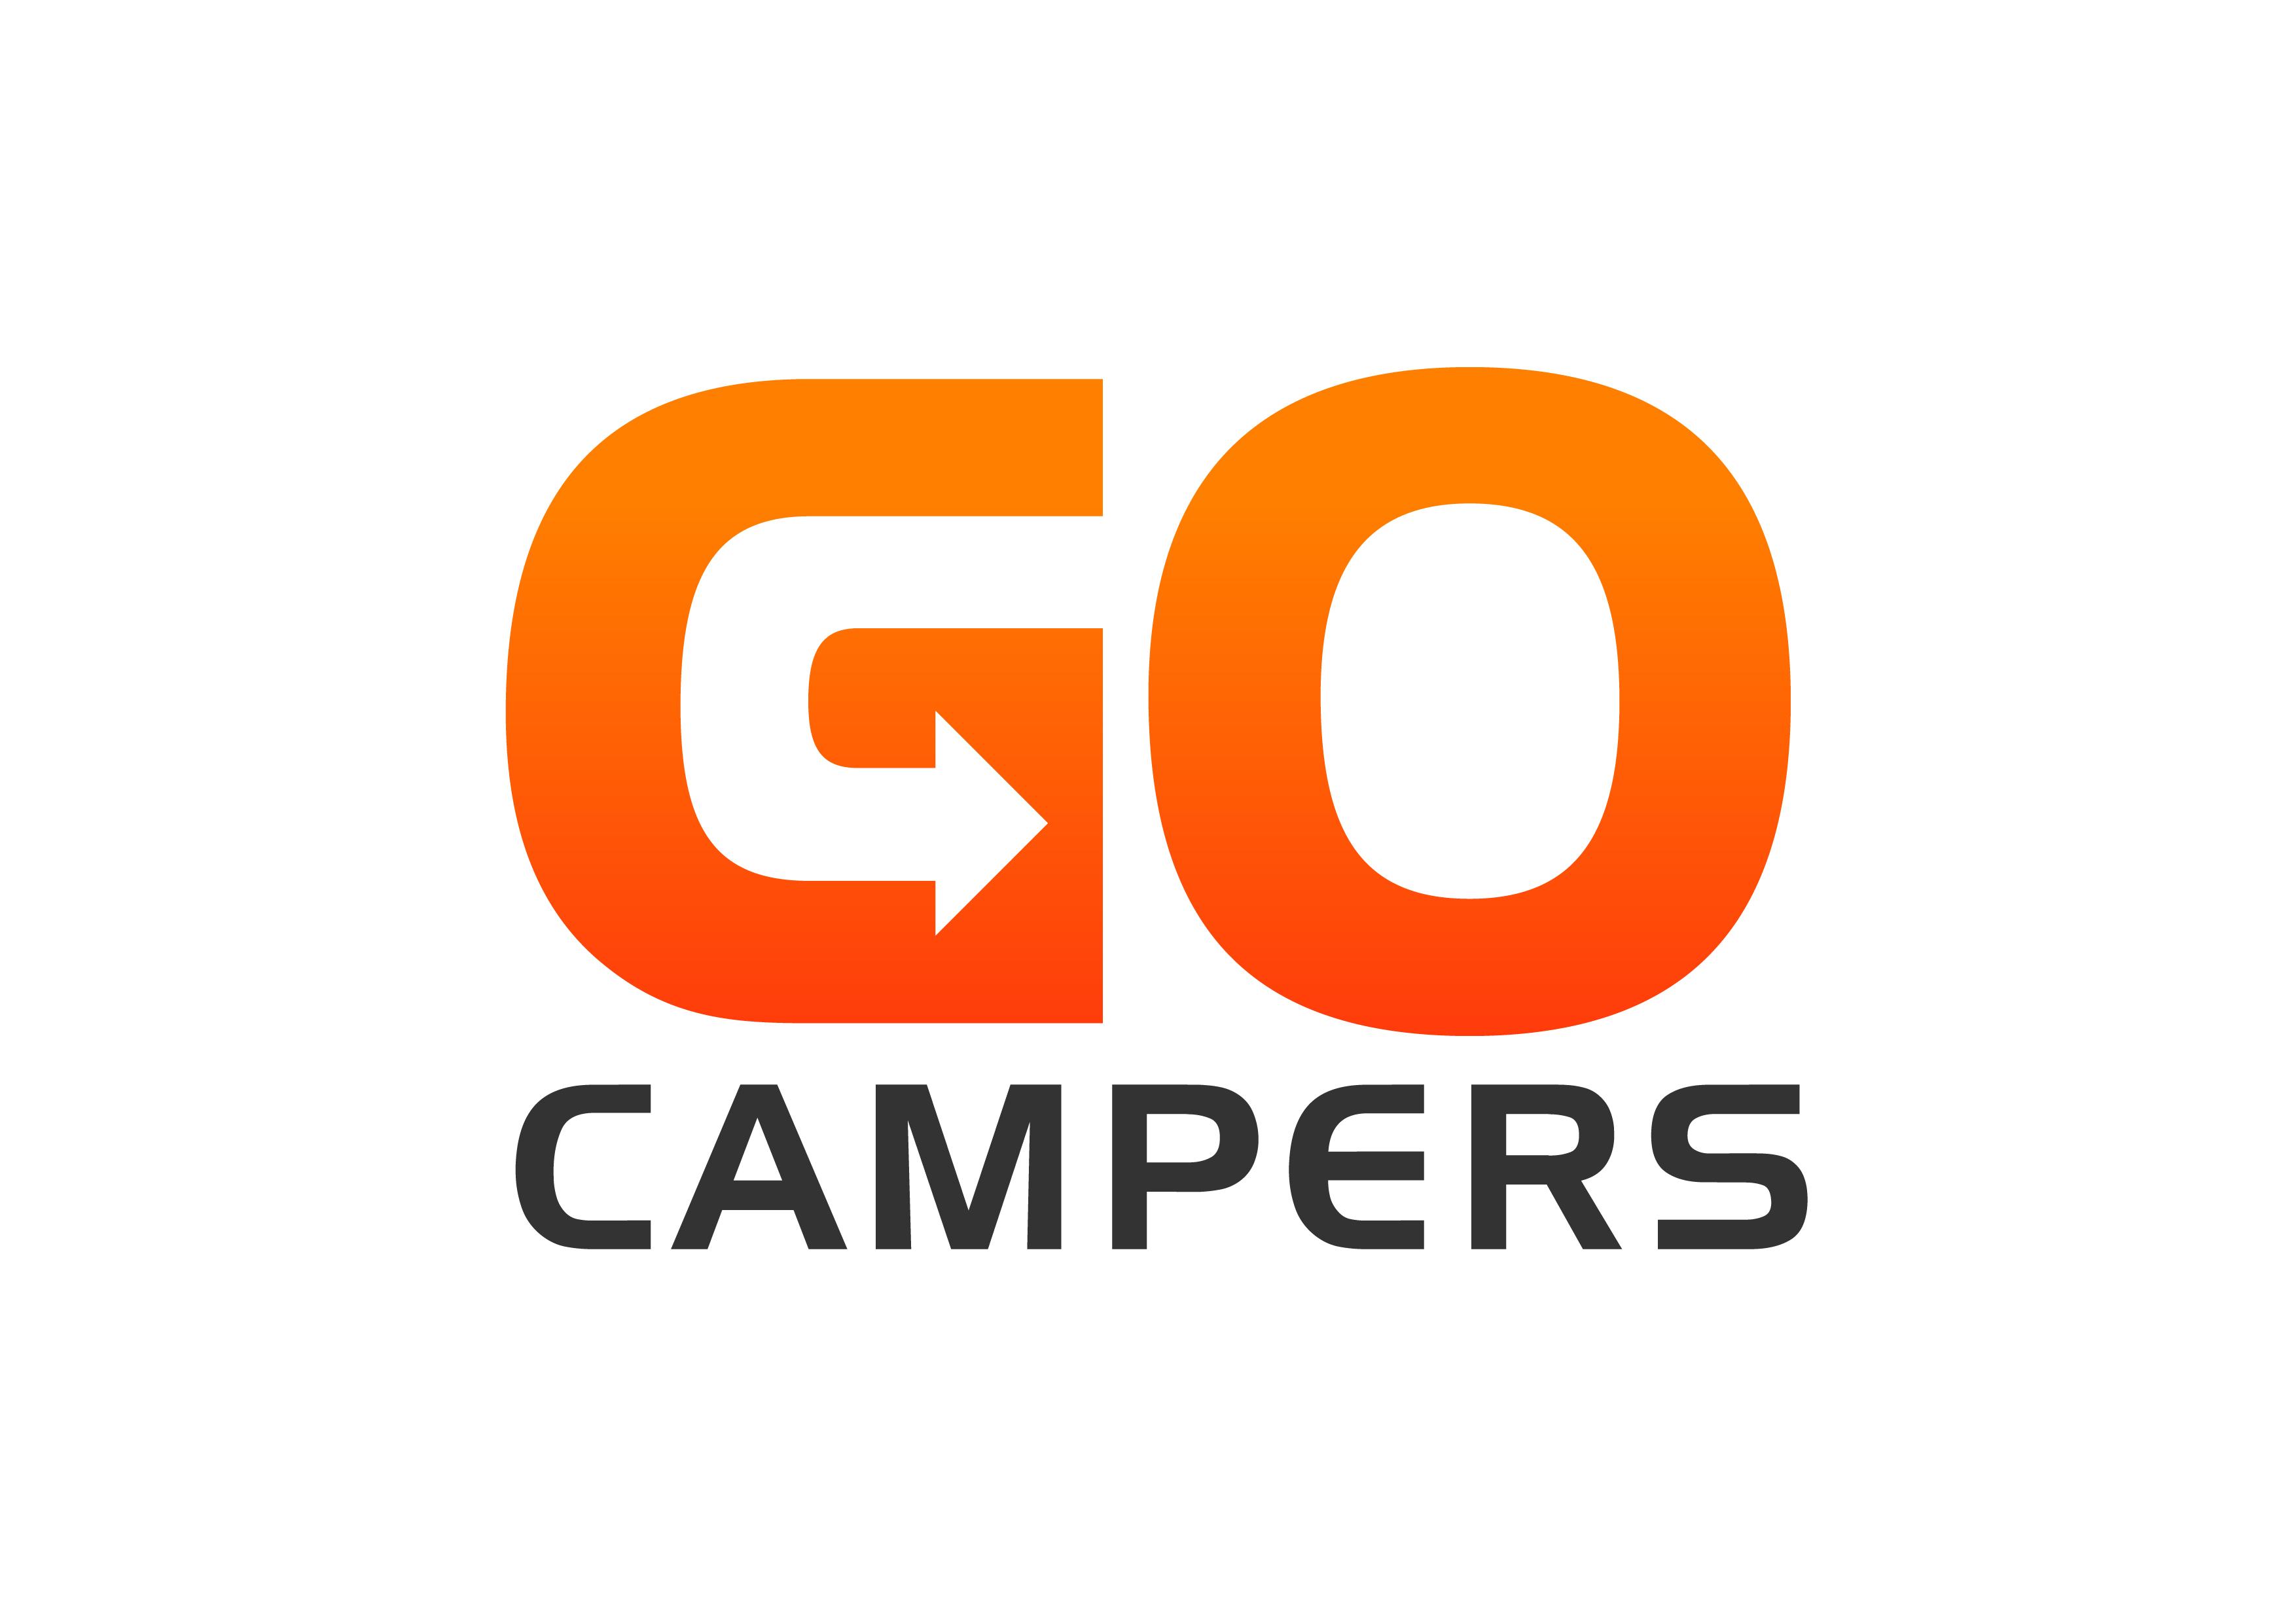 Go_campers_logo.jpg